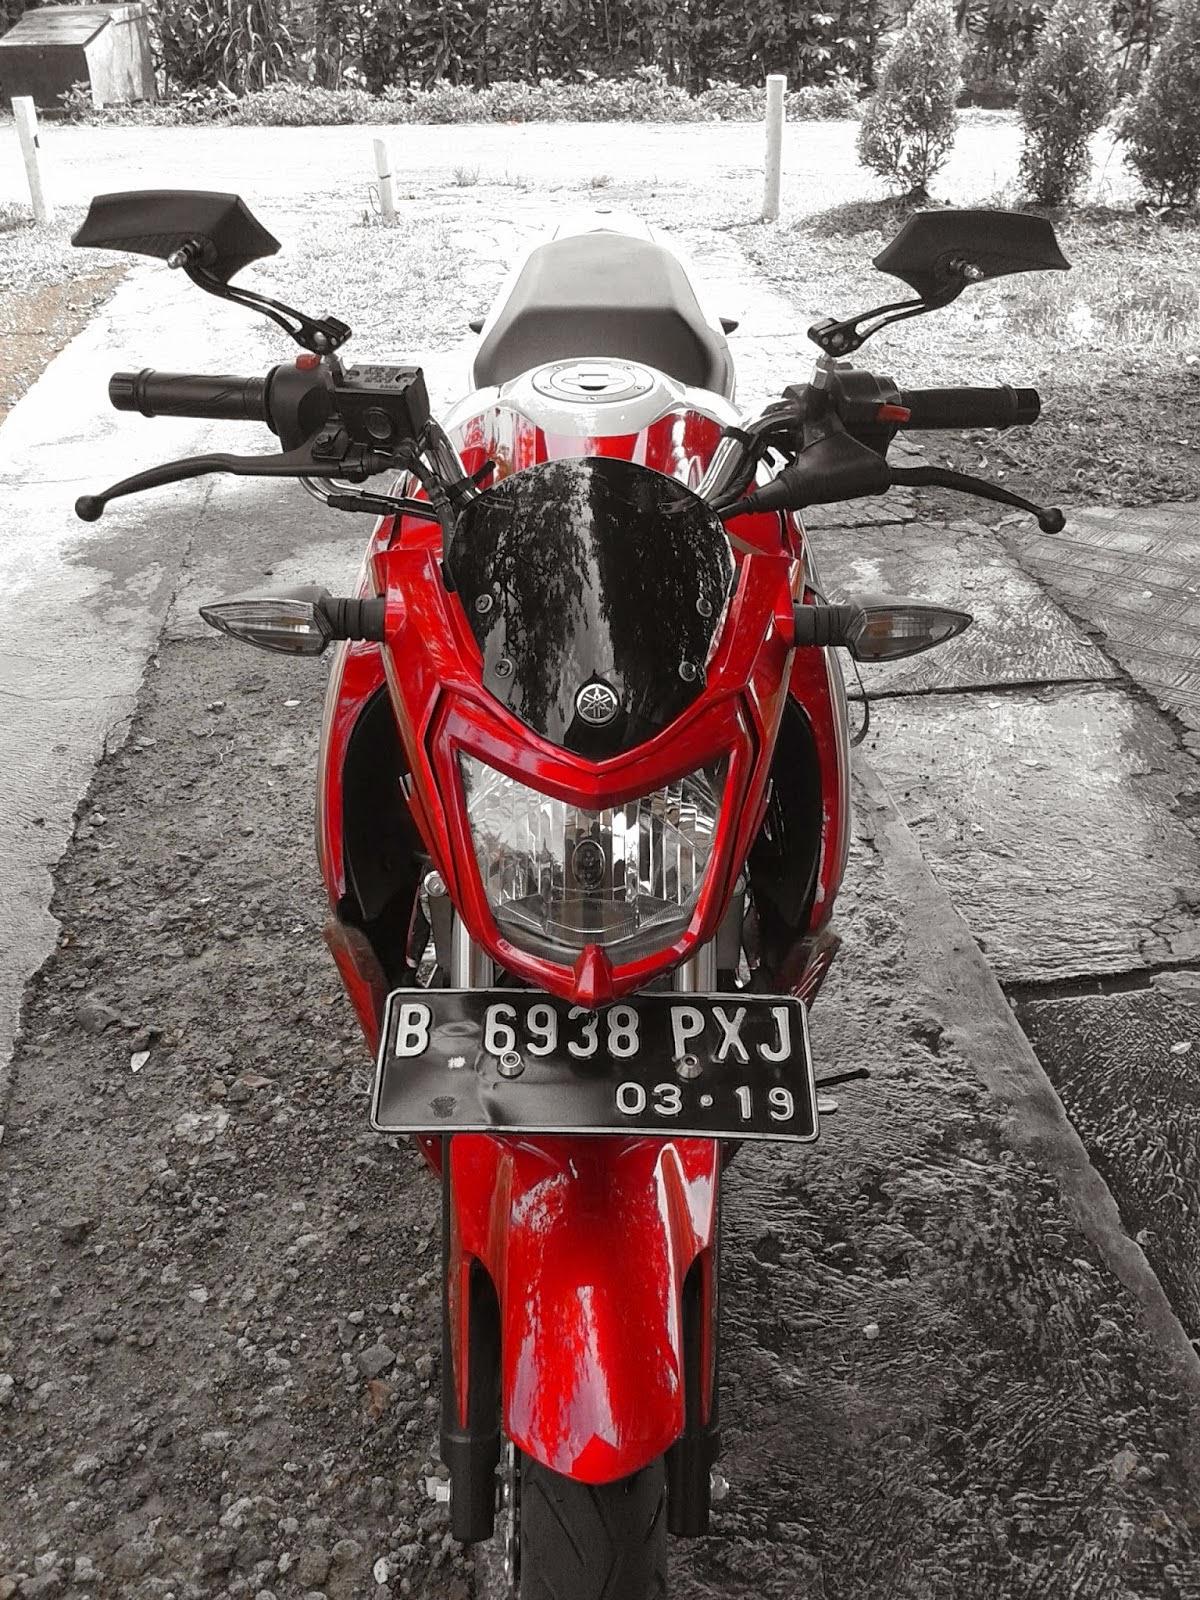 Koleksi Modifikasi New Vixion 2013 Warna Merah Terbaru Pojok